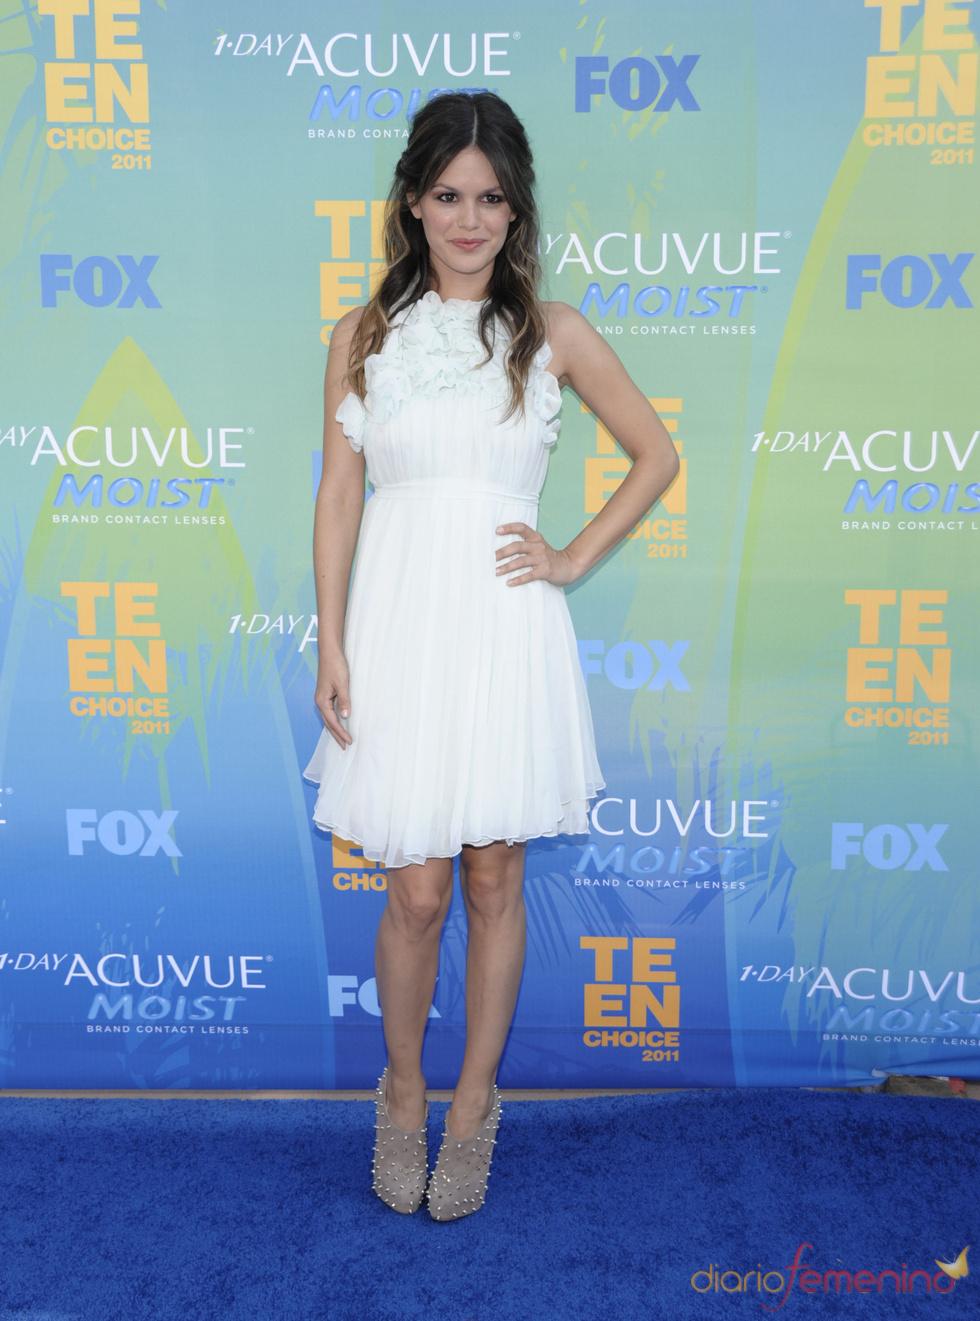 Rachel Bilson en la alfombra azul de los Teen Choice Awards 2011